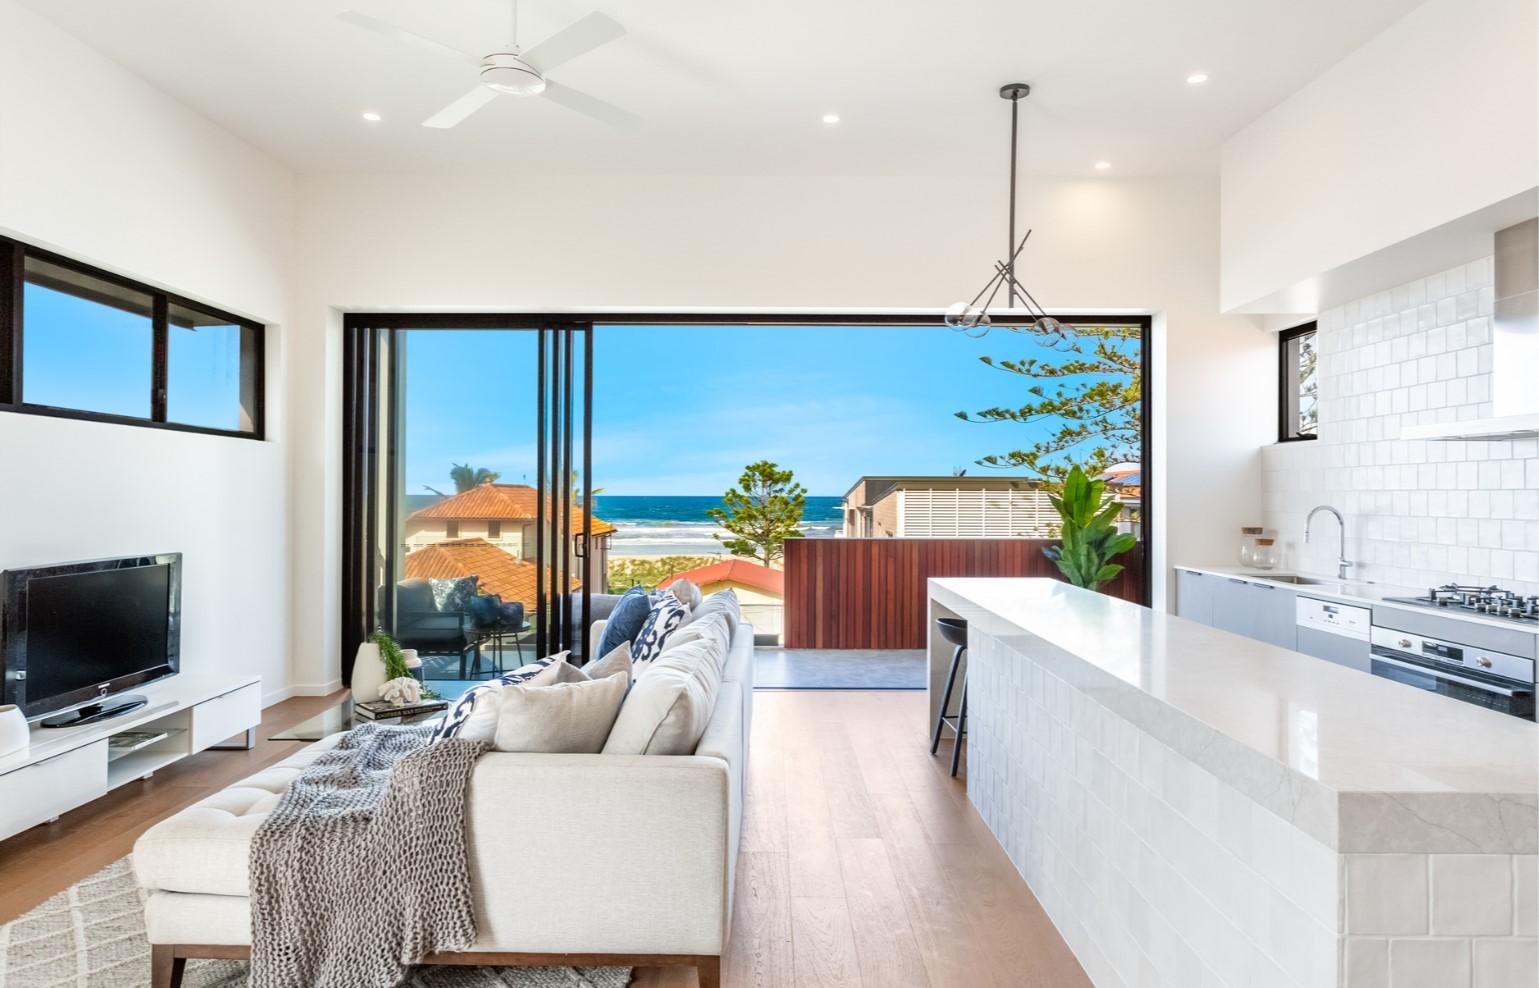 https://www.cccrealty.com.au/buying/QLD/Gold-Coast/Palm-Beach/Unit/1P1009